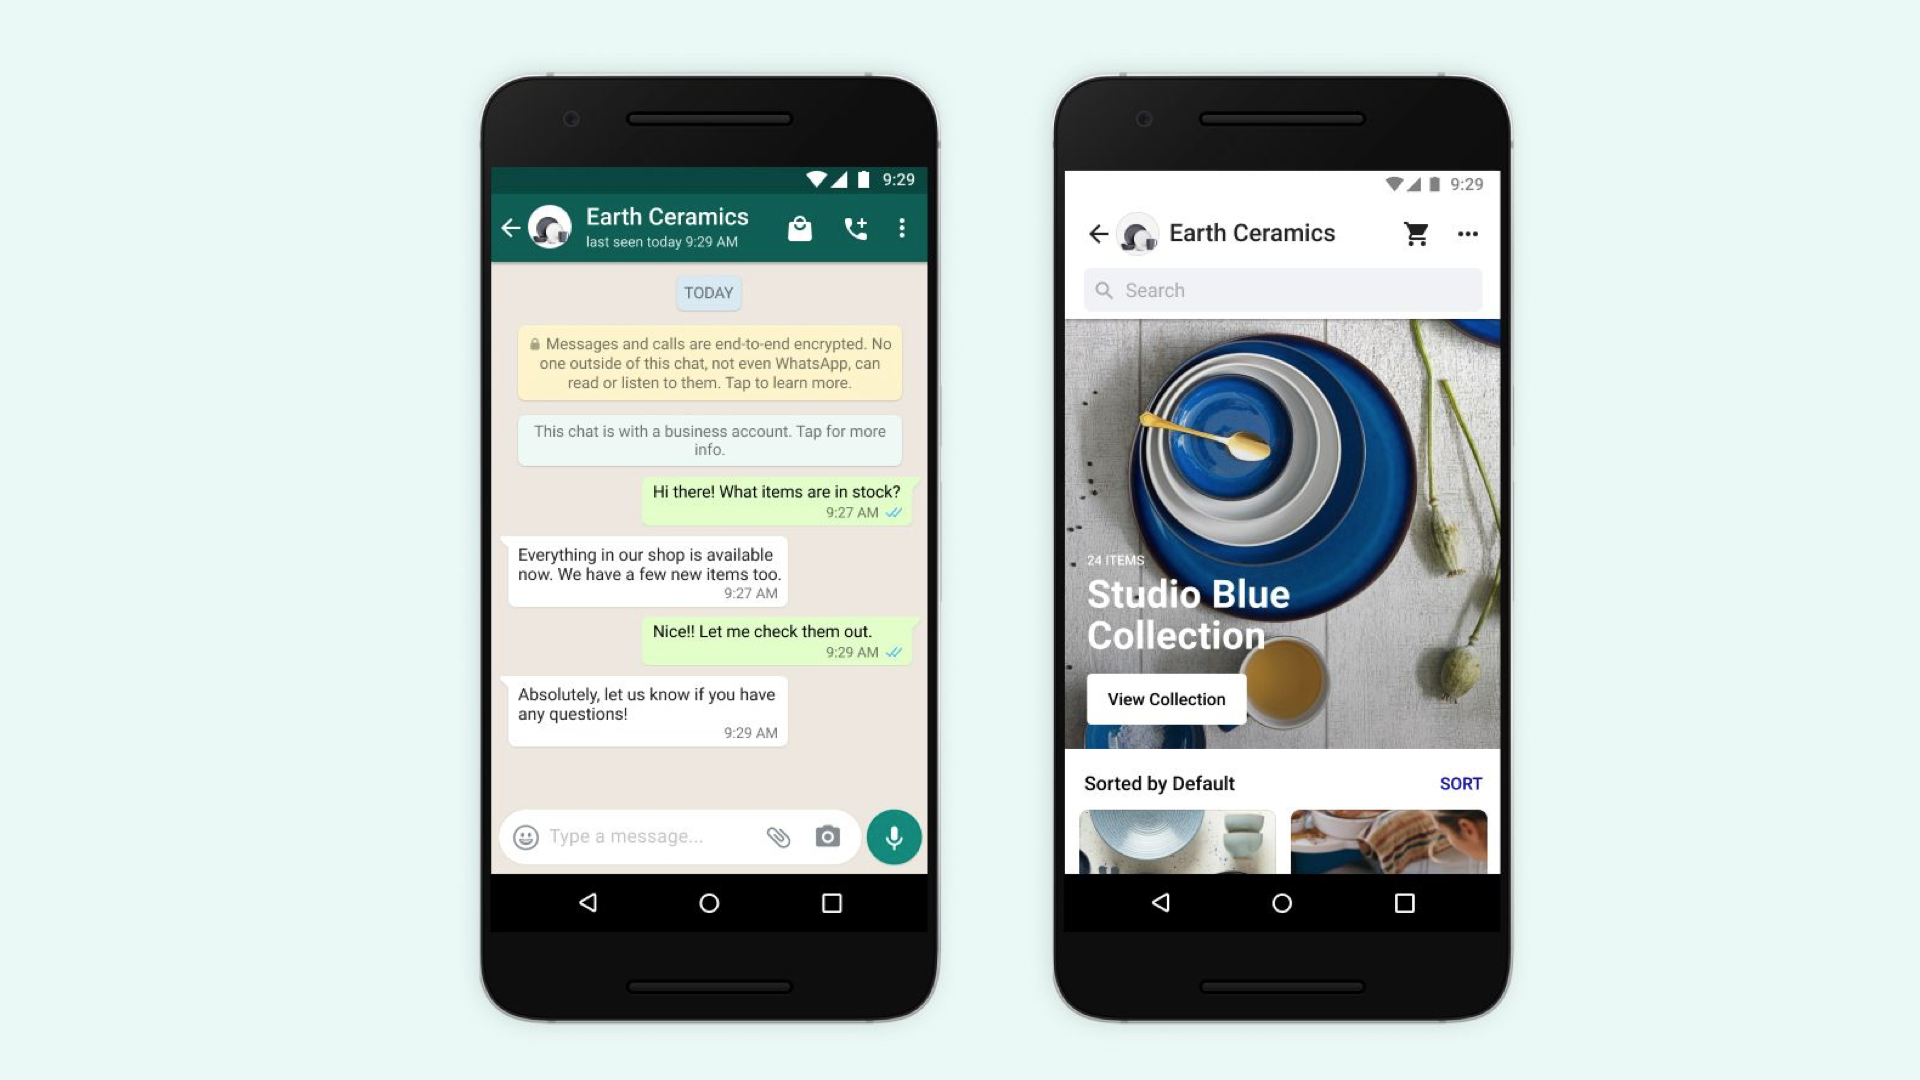 Les nouvelles conditions de WhatsApp seront déployées le 15 mai